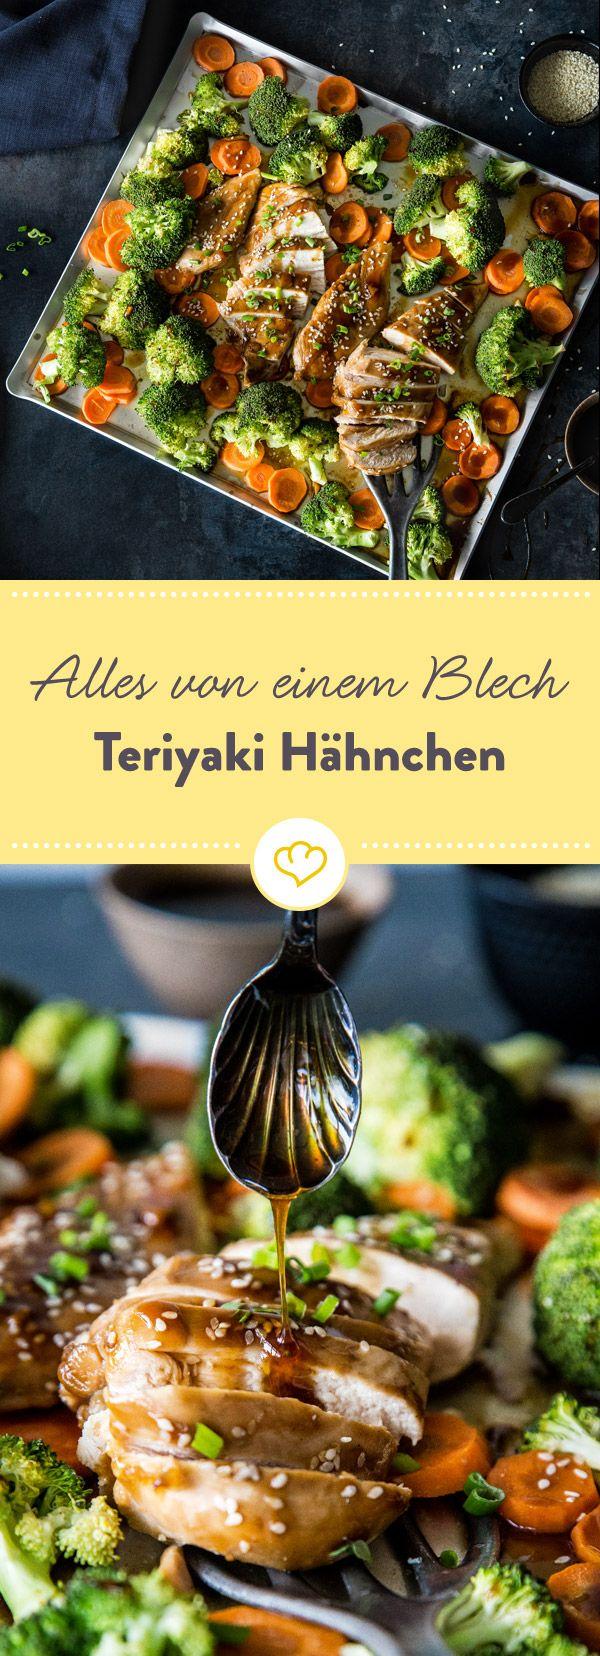 Alles von einem Blech – Teriyaki Hähnchen mit Gemüse #recipeshealthy